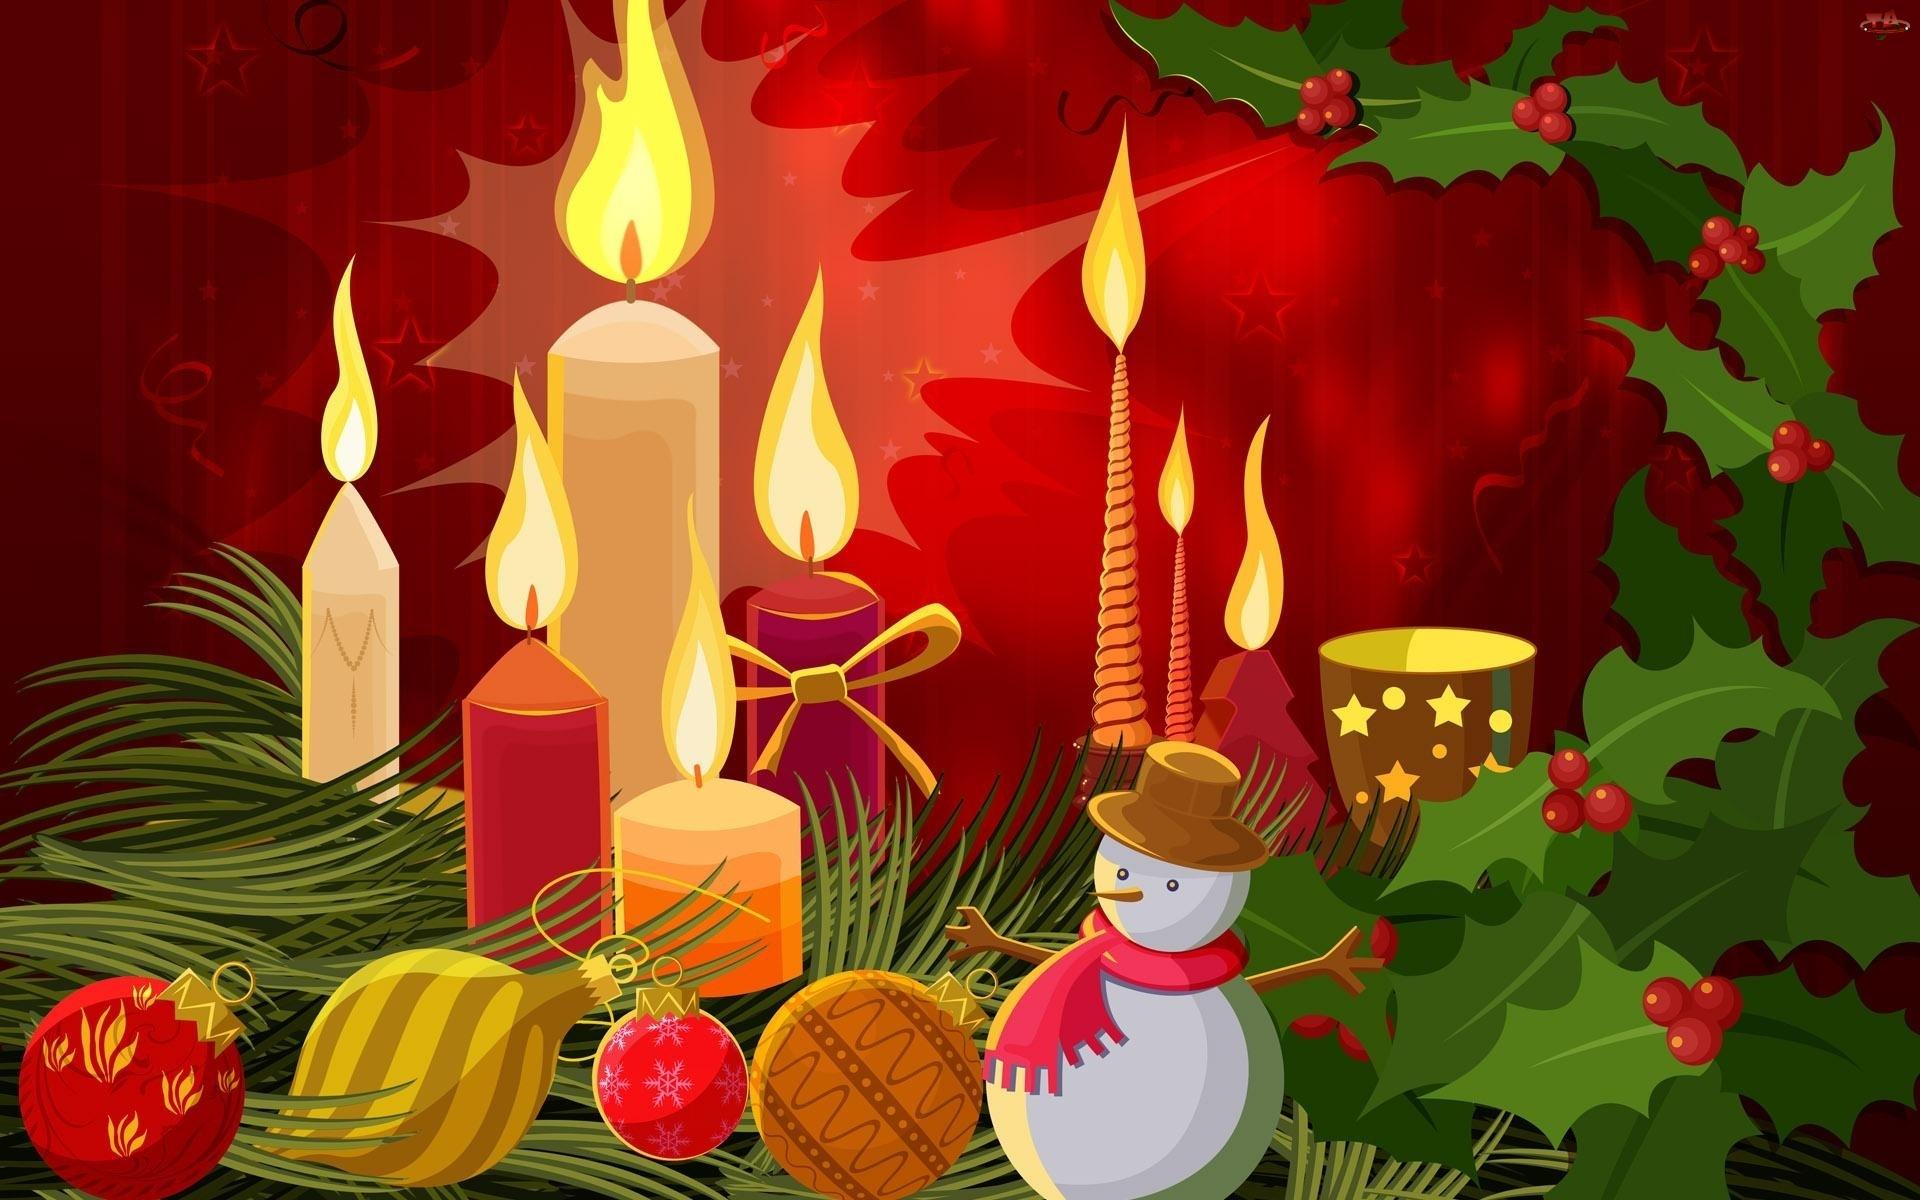 Grafika 2D, Bombki, Narodzenie, Boże, Kompozycja, Świeczki, Bałwanek